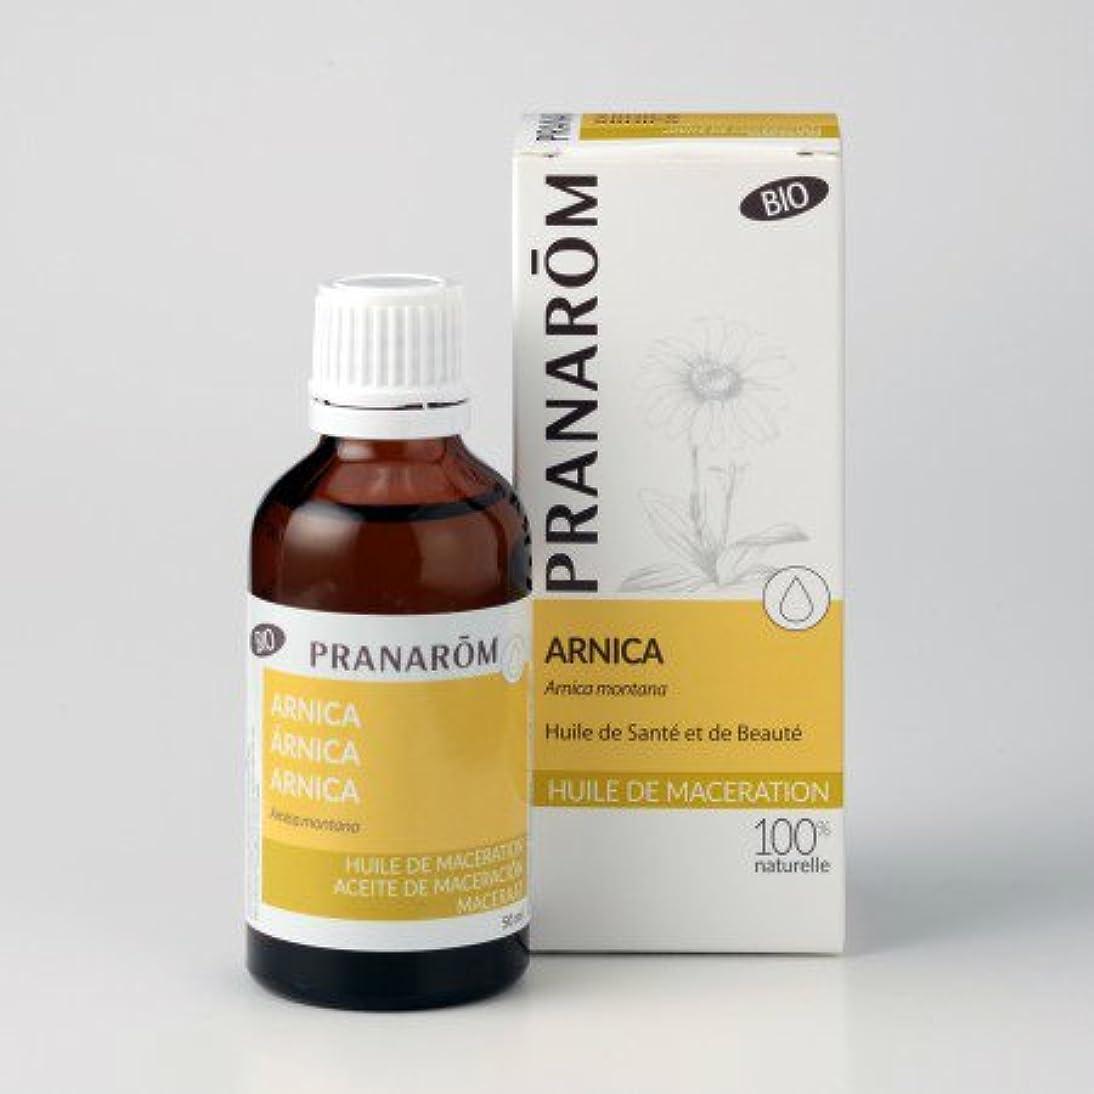 環境に優しい獲物膿瘍プラナロム アルニカオイル 50ml (PRANAROM 植物油)